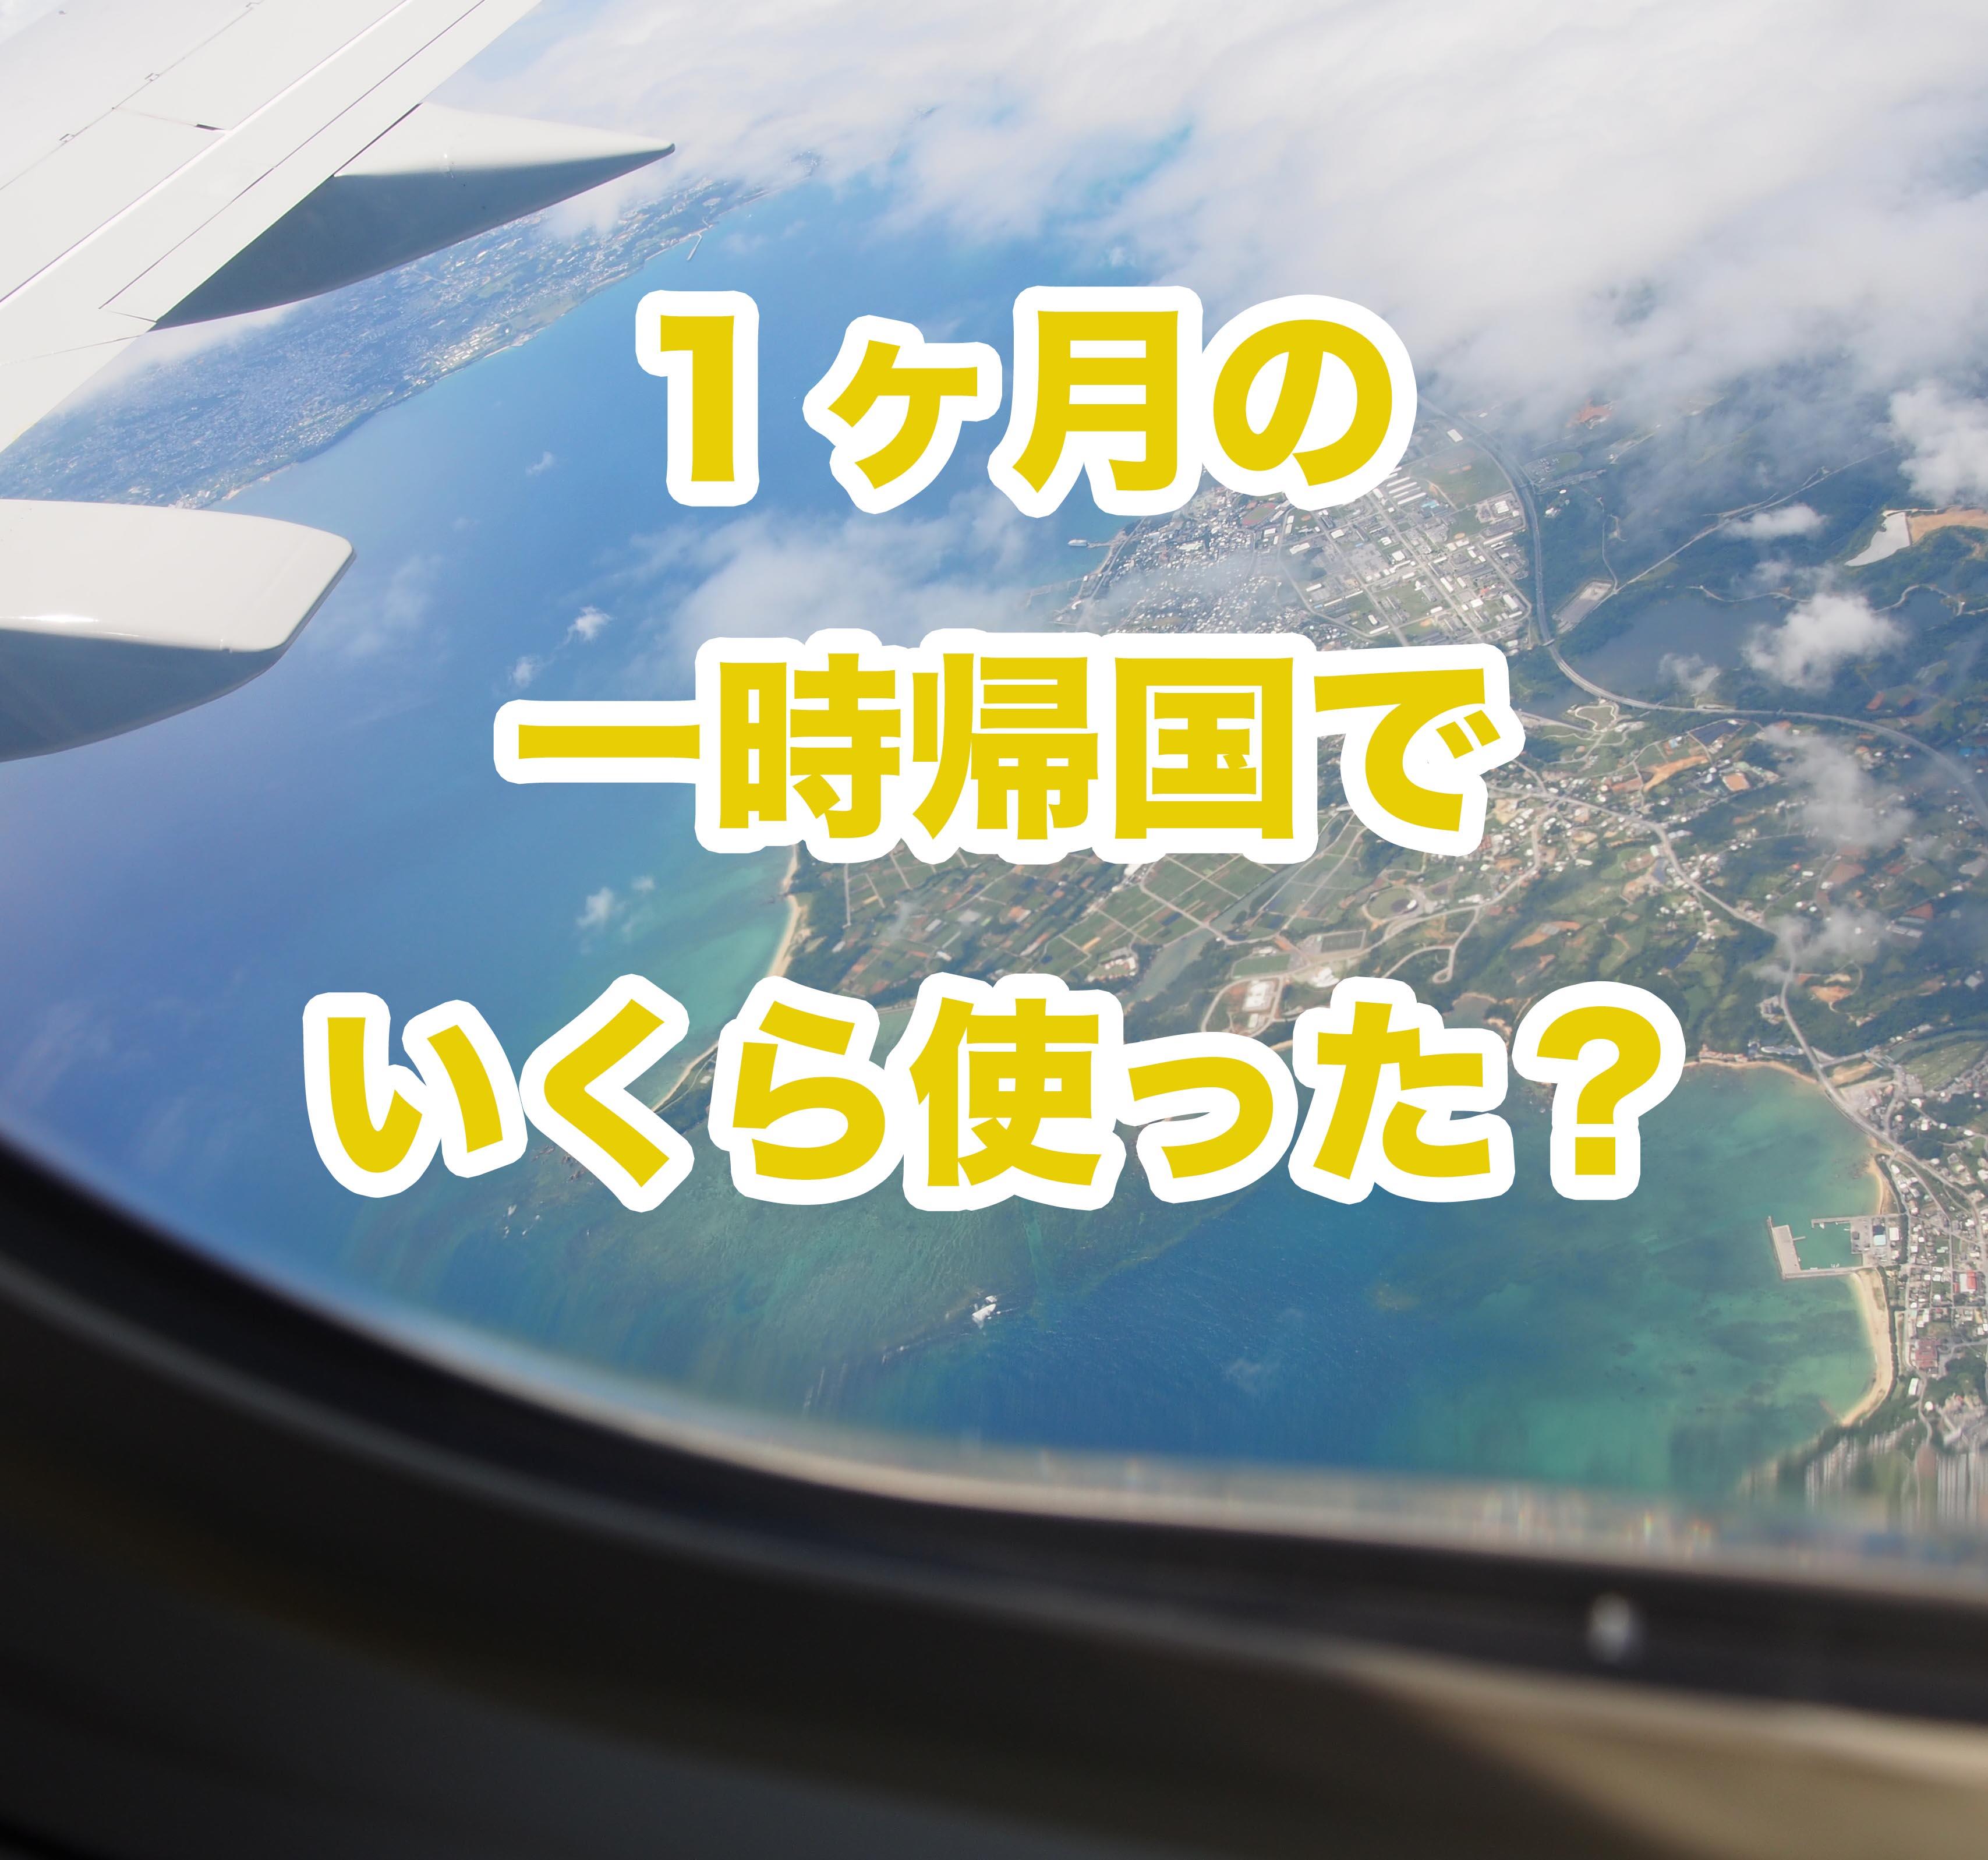 約1ヶ月の一時帰国で使った金額は●十万円!